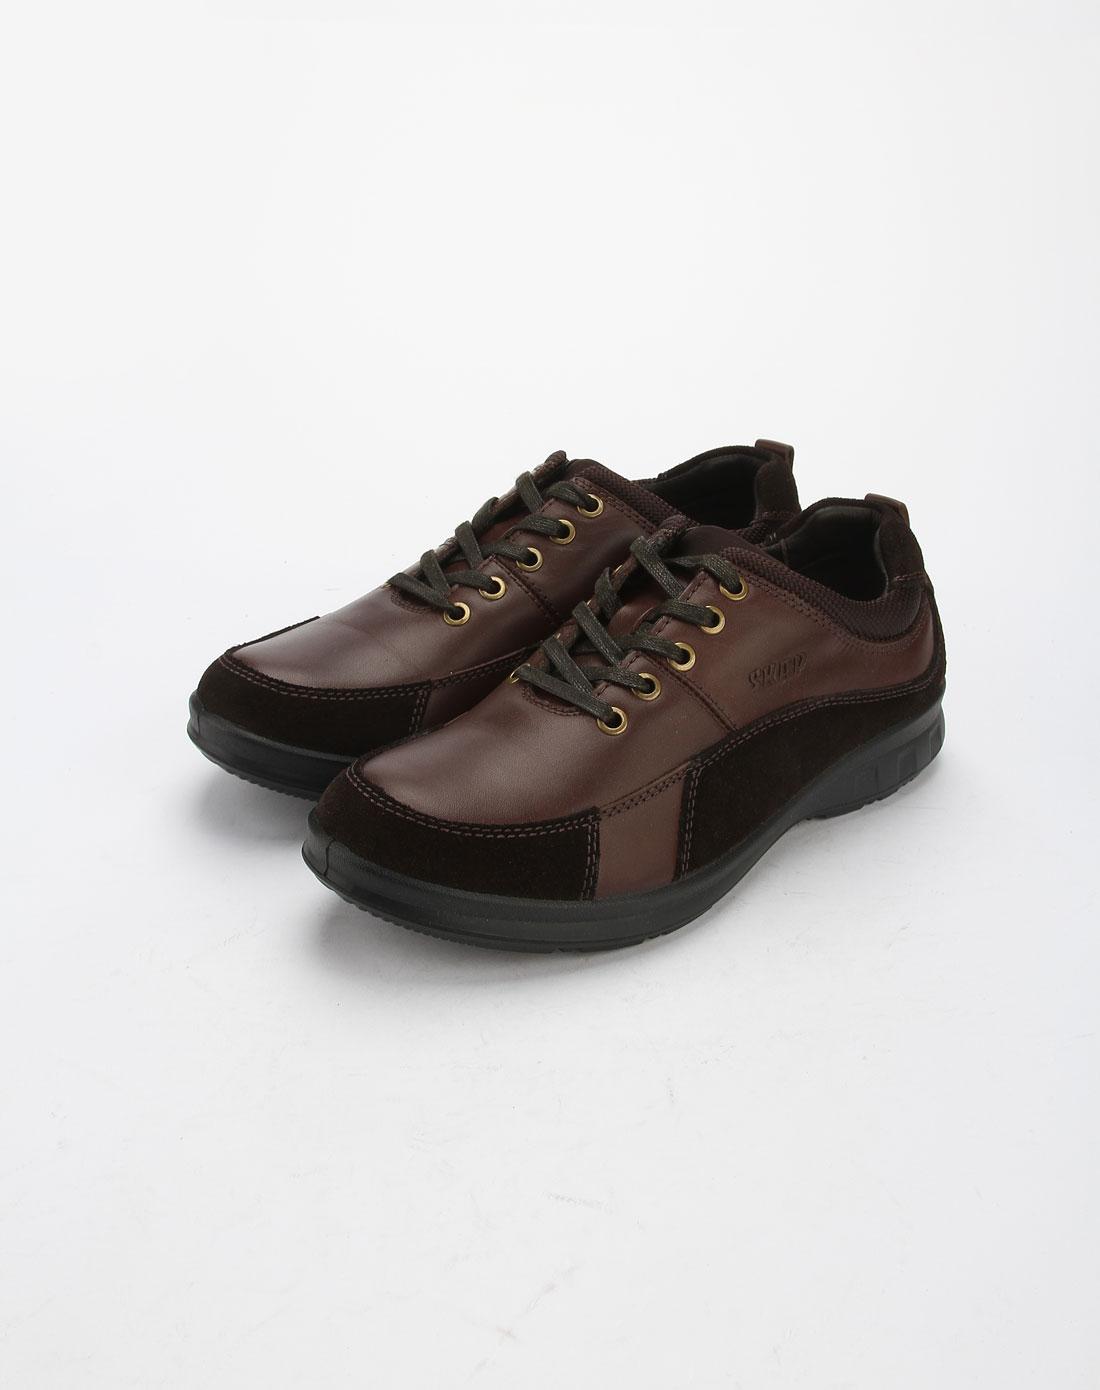 圣伽步skap男款咖啡色系带休闲皮鞋81119691103